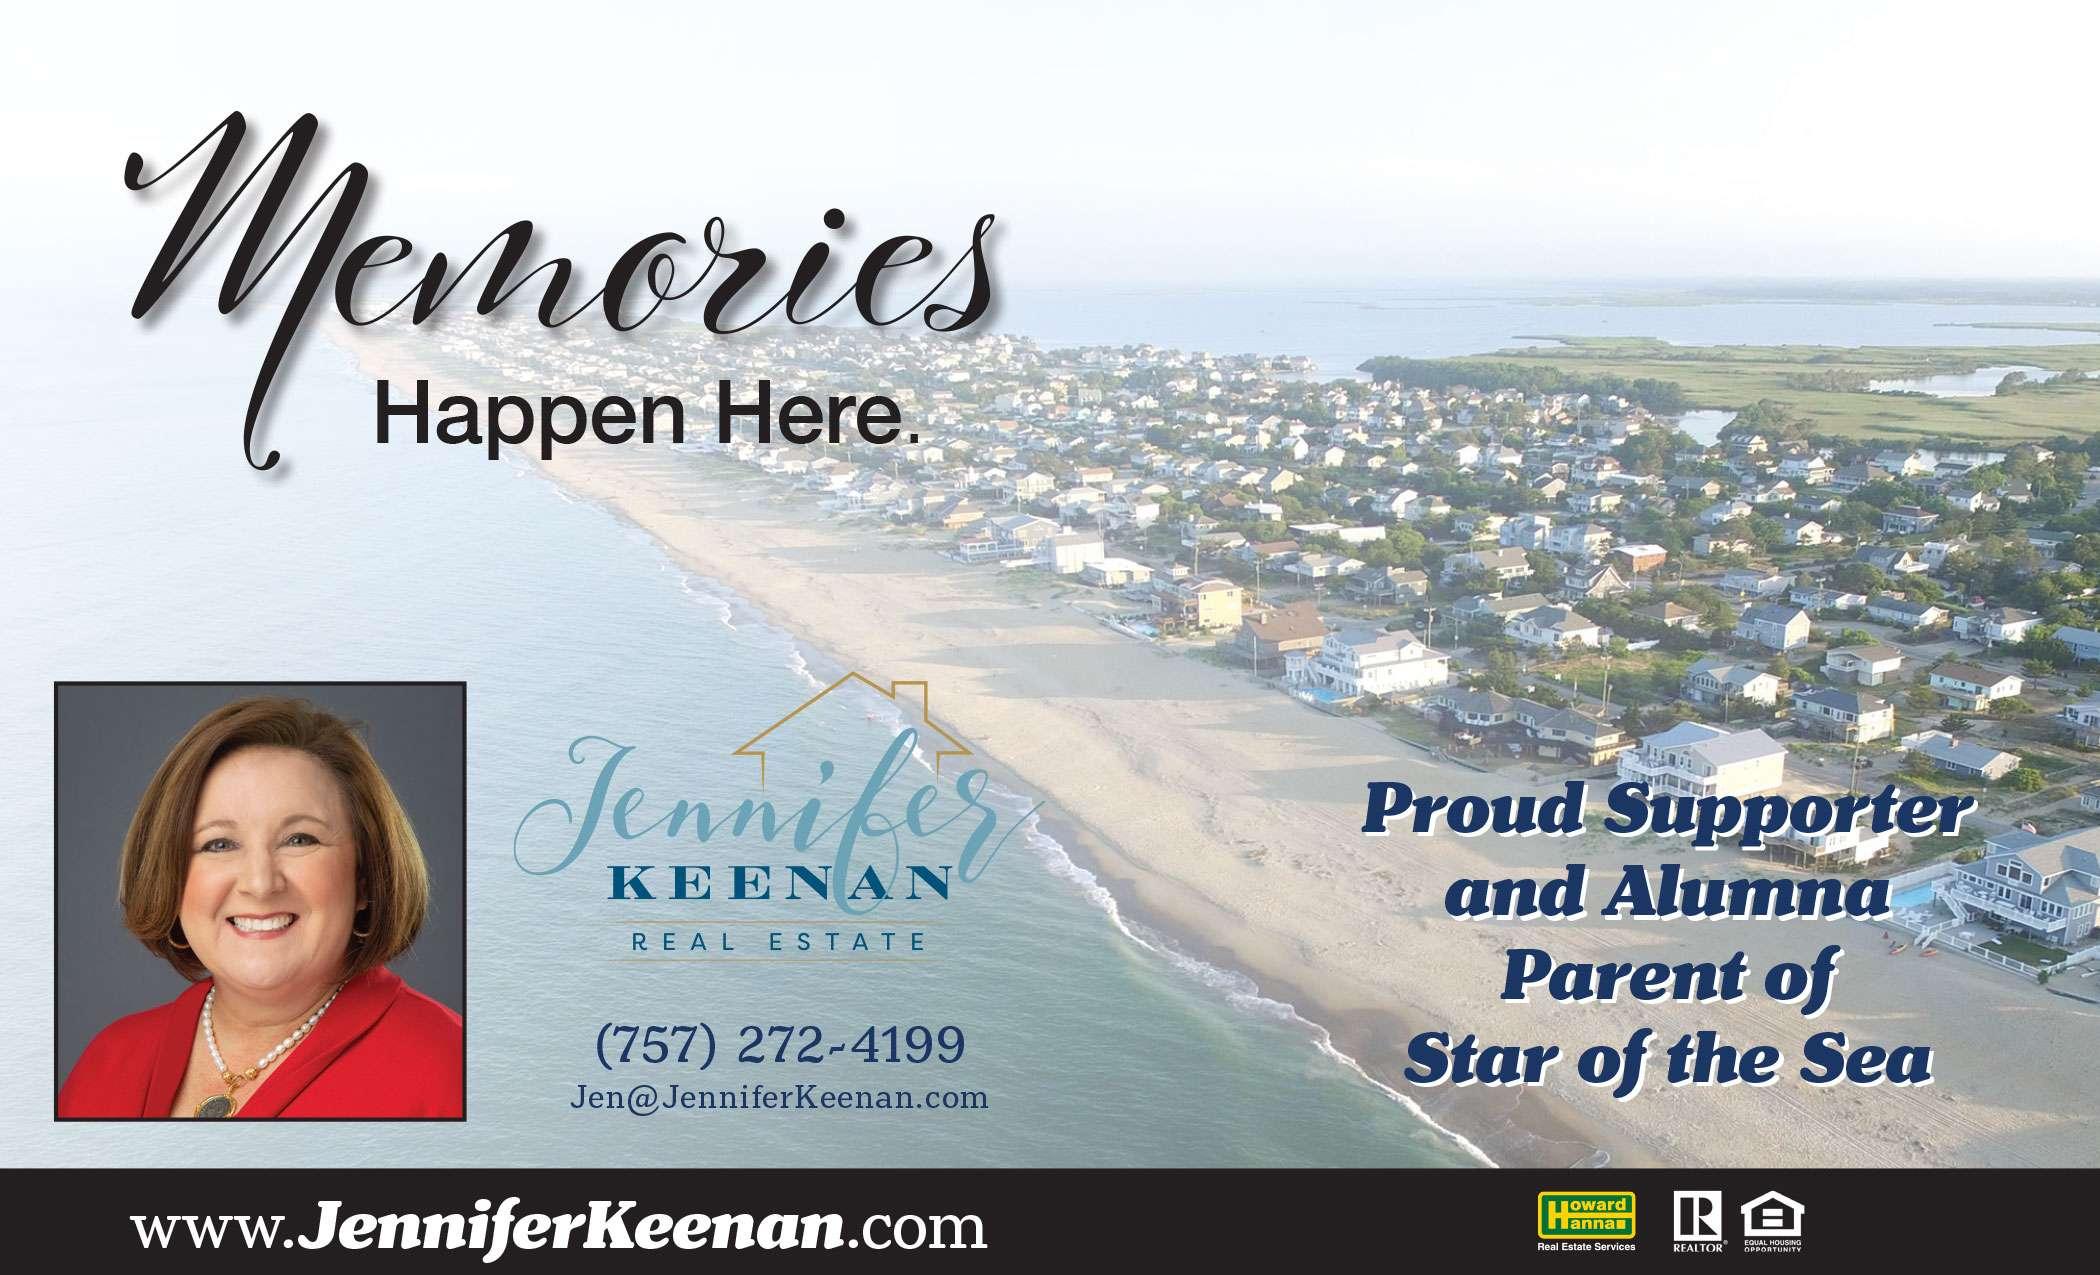 Jennifer Keenan Real Estate